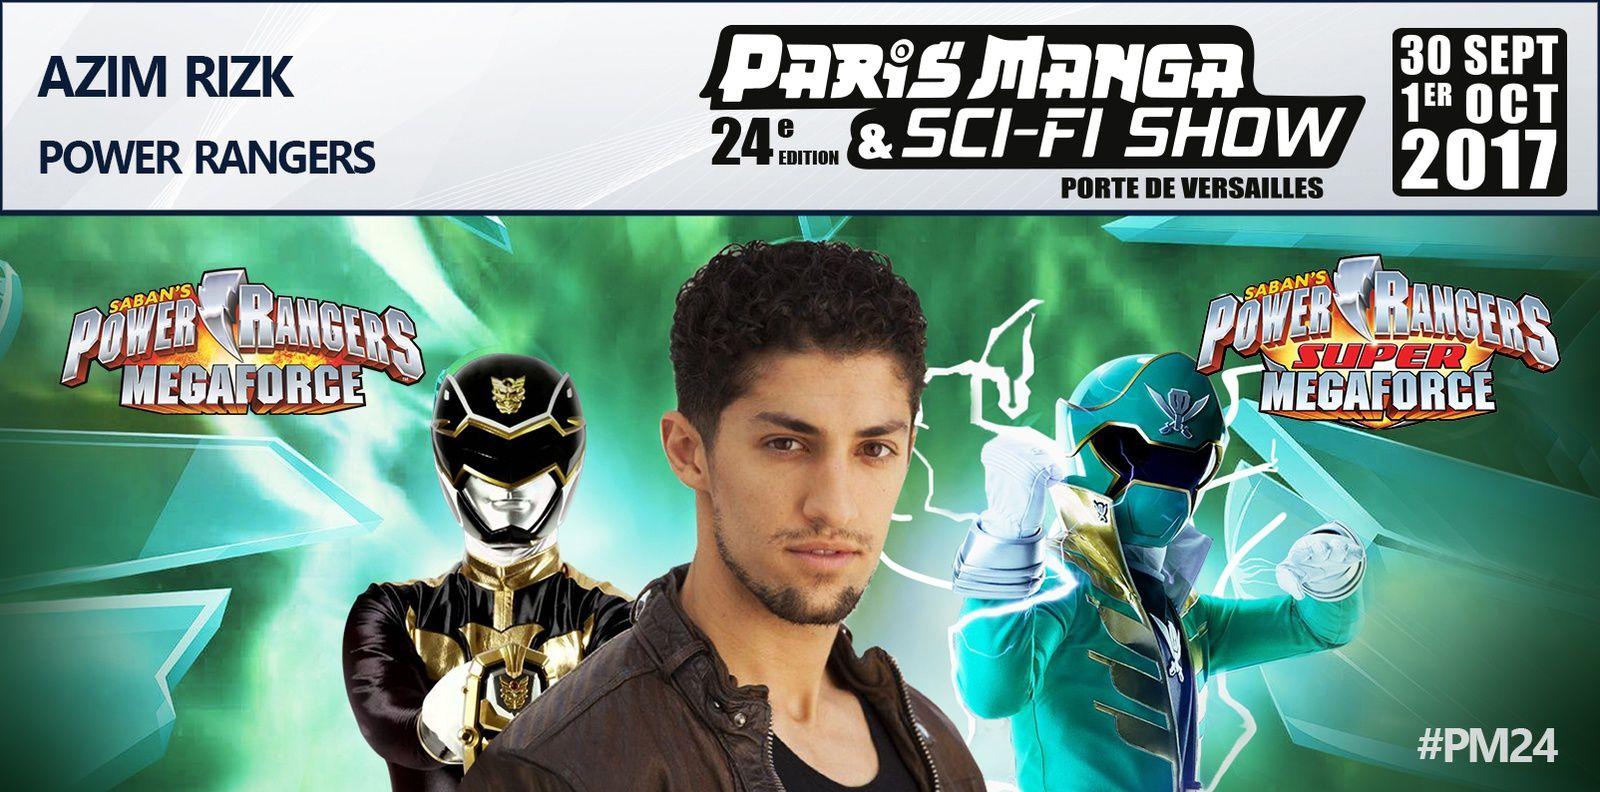 Les Power Rangers au PARIS MANGA & SCI-FI SHOW 24